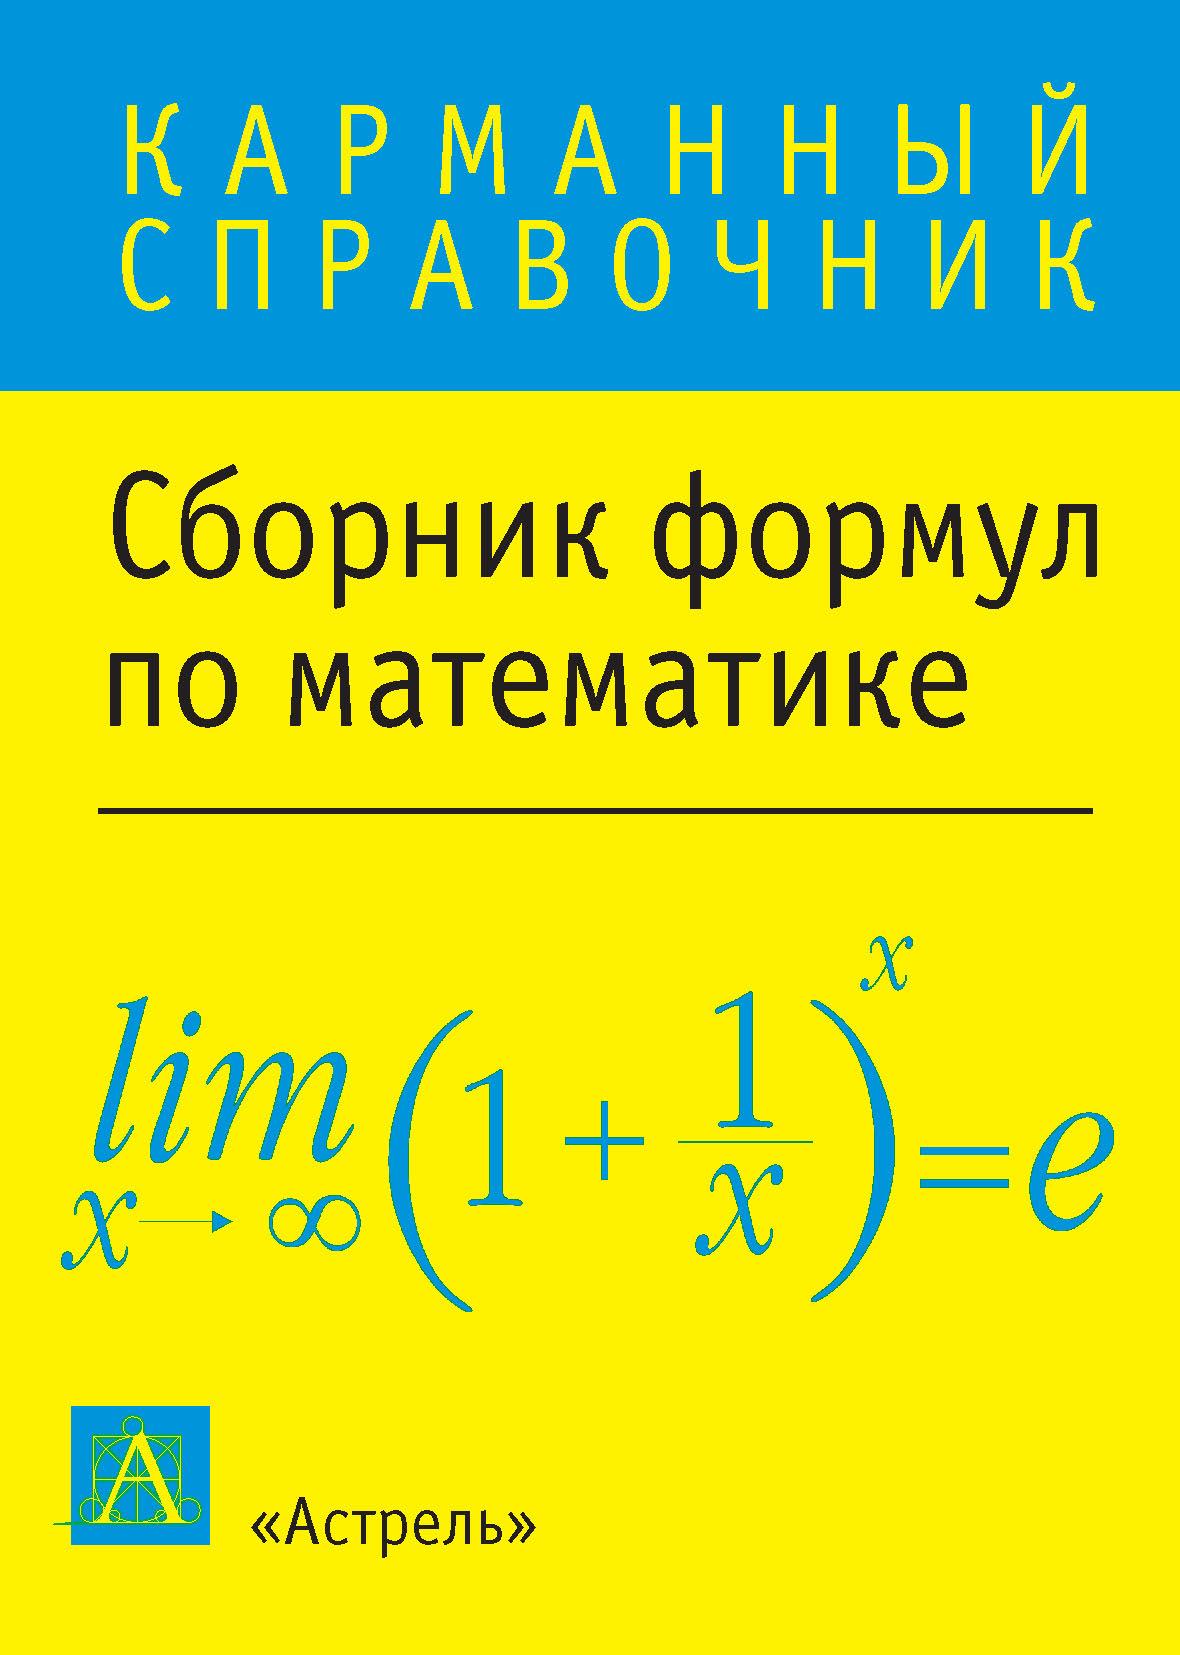 купить Отсутствует Сборник формул по математике по цене 24.95 рублей